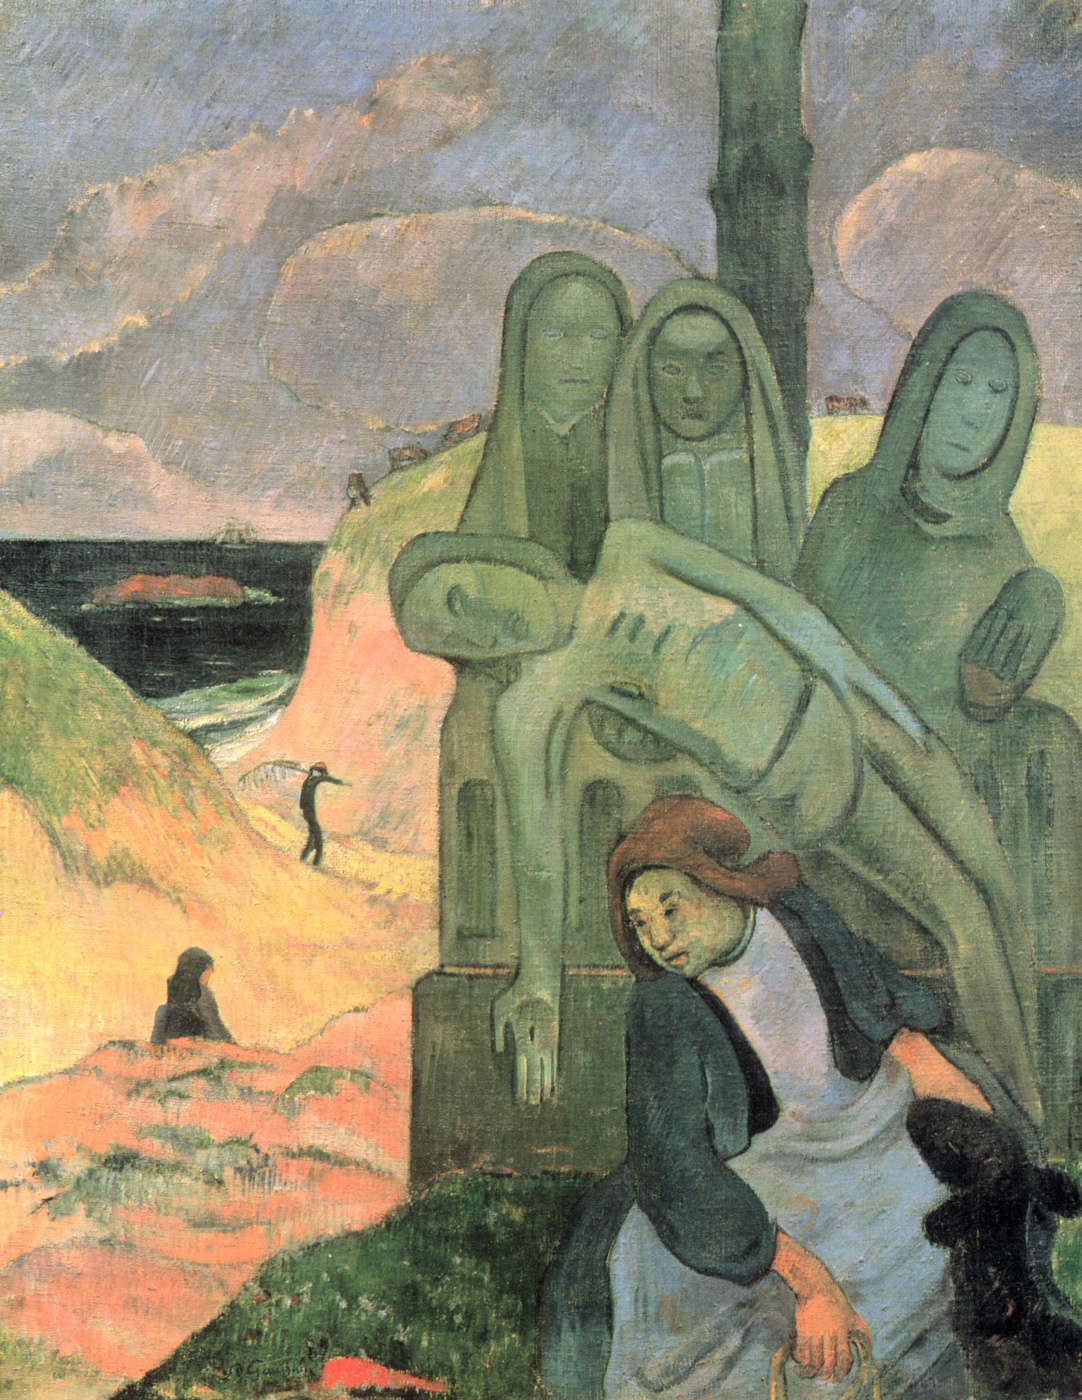 Paul Gauguin. Green Christ